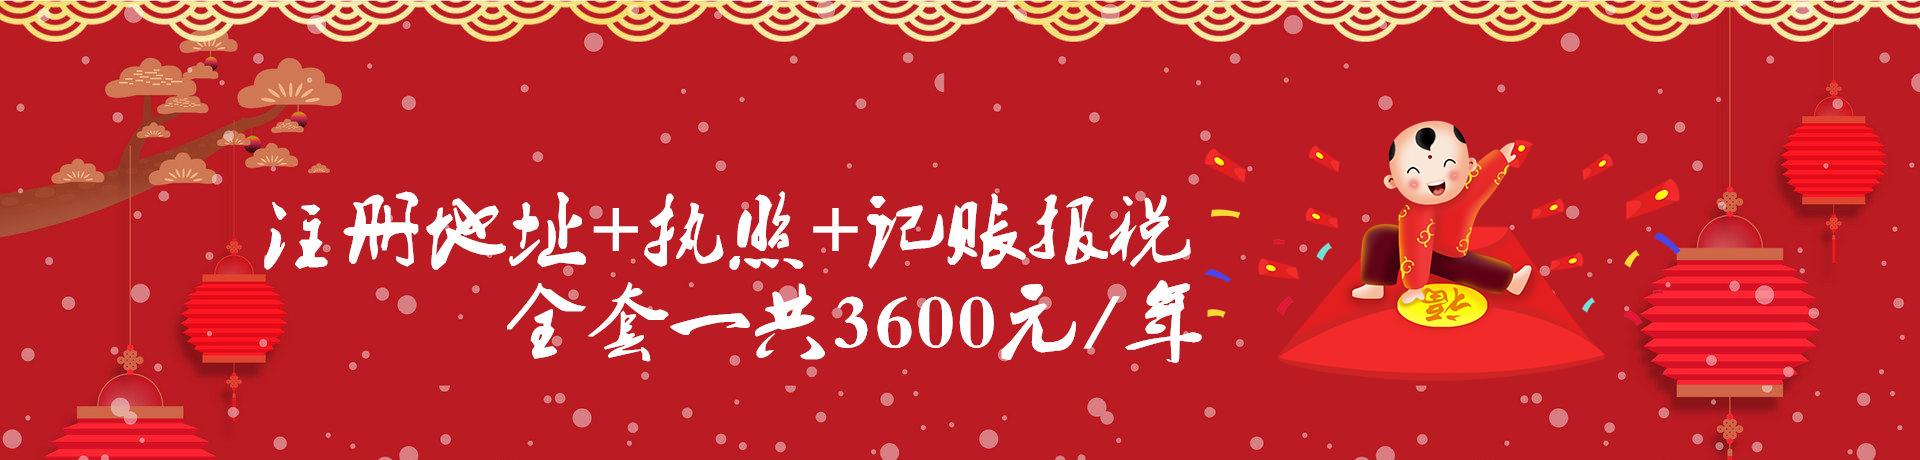 公司注册+1年财务代帐3600元